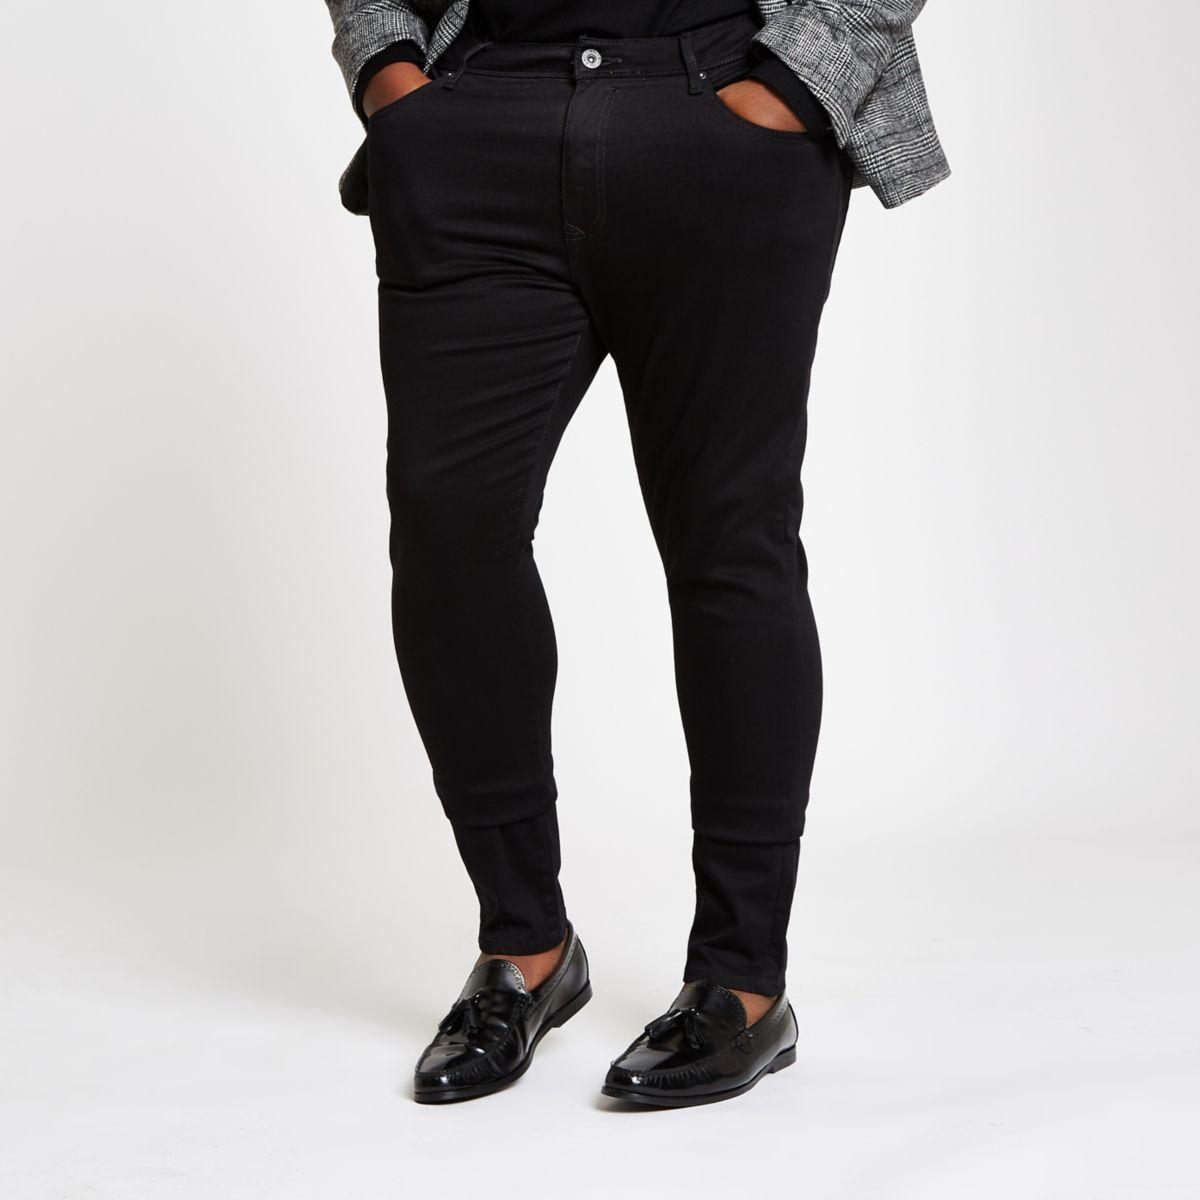 Big & Tall black super skinny jeans